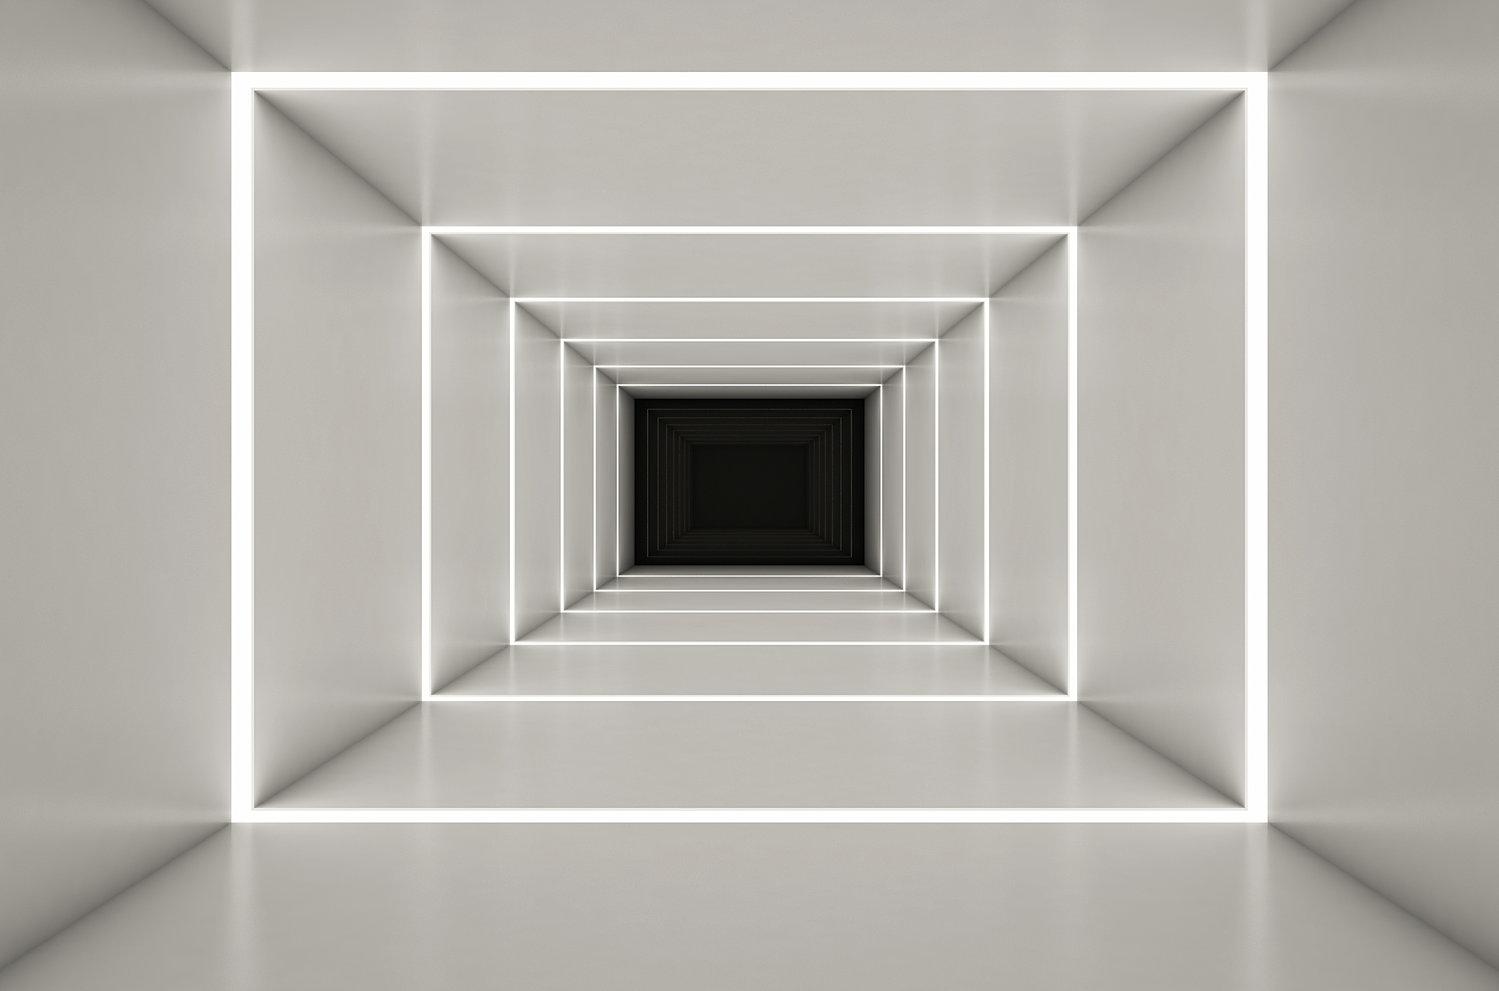 Light-tek technical and modern lighting solutions & lighting/led/UAE azcodes.com